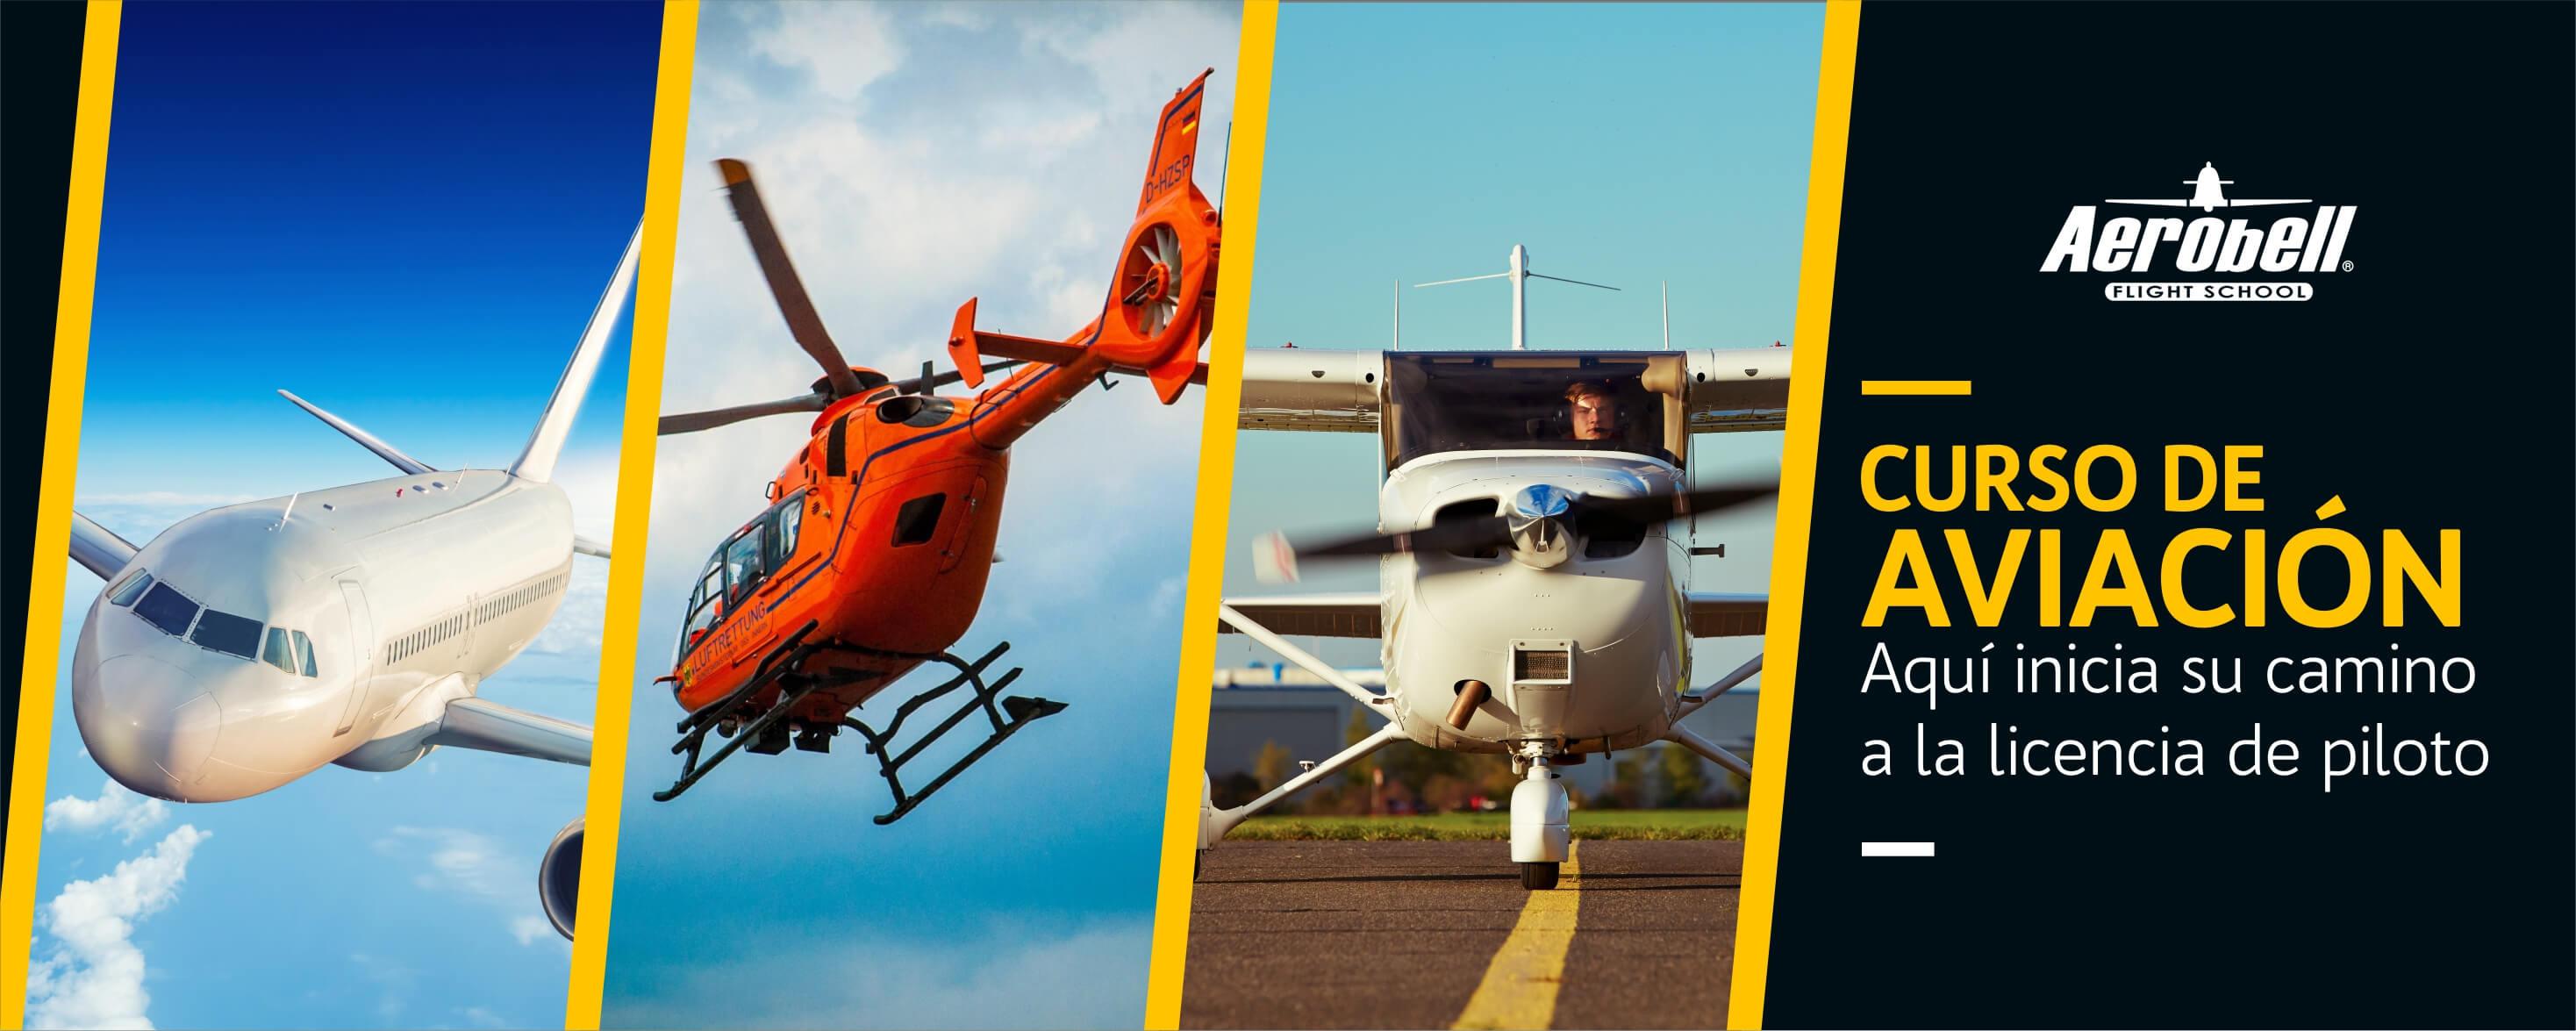 Course Image Curso de Aviación